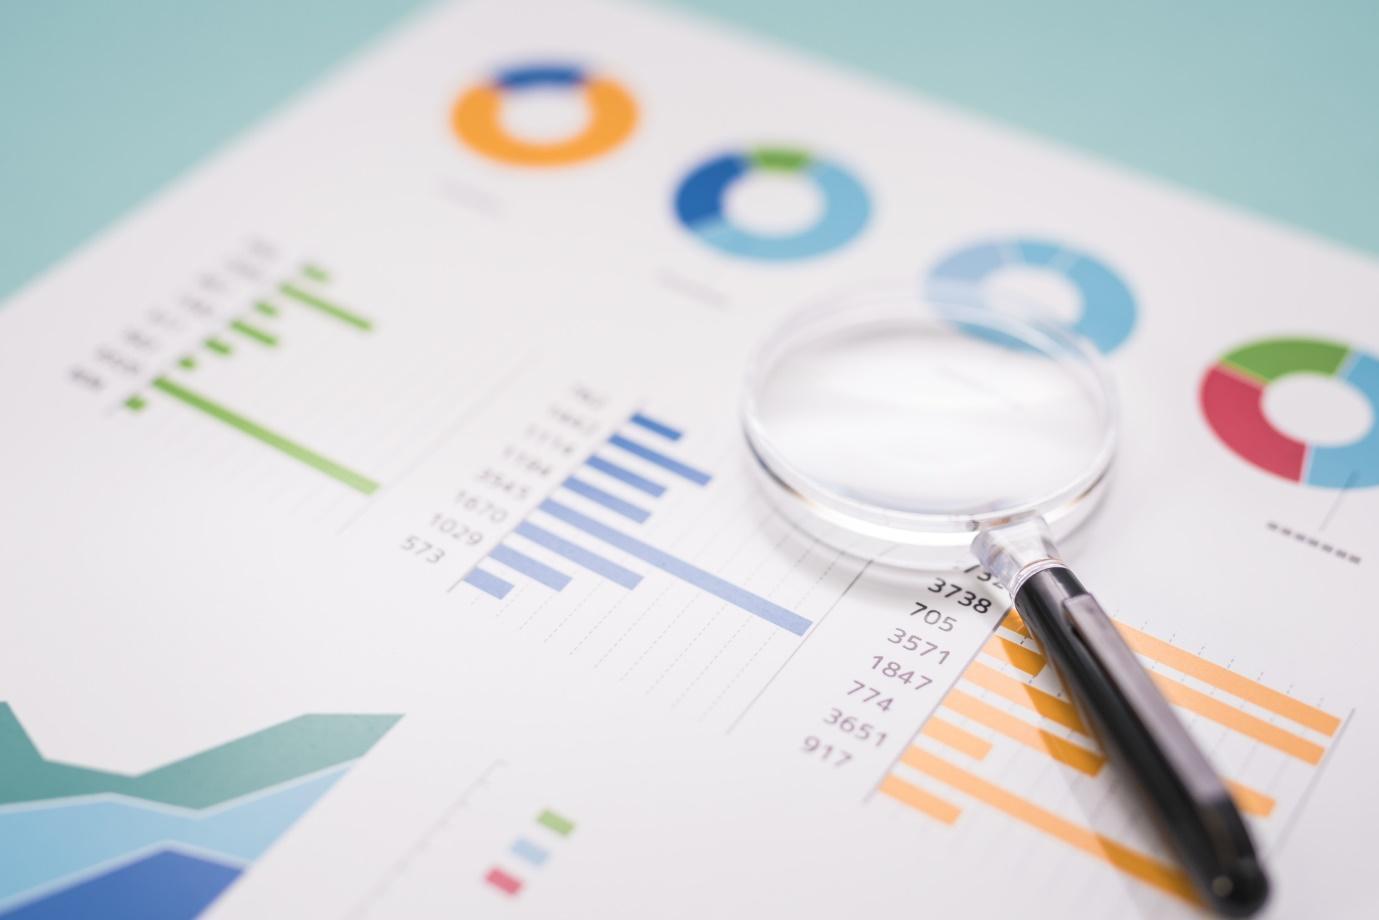 売掛金回転期間の正しい把握が資金繰りに与える影響とは?